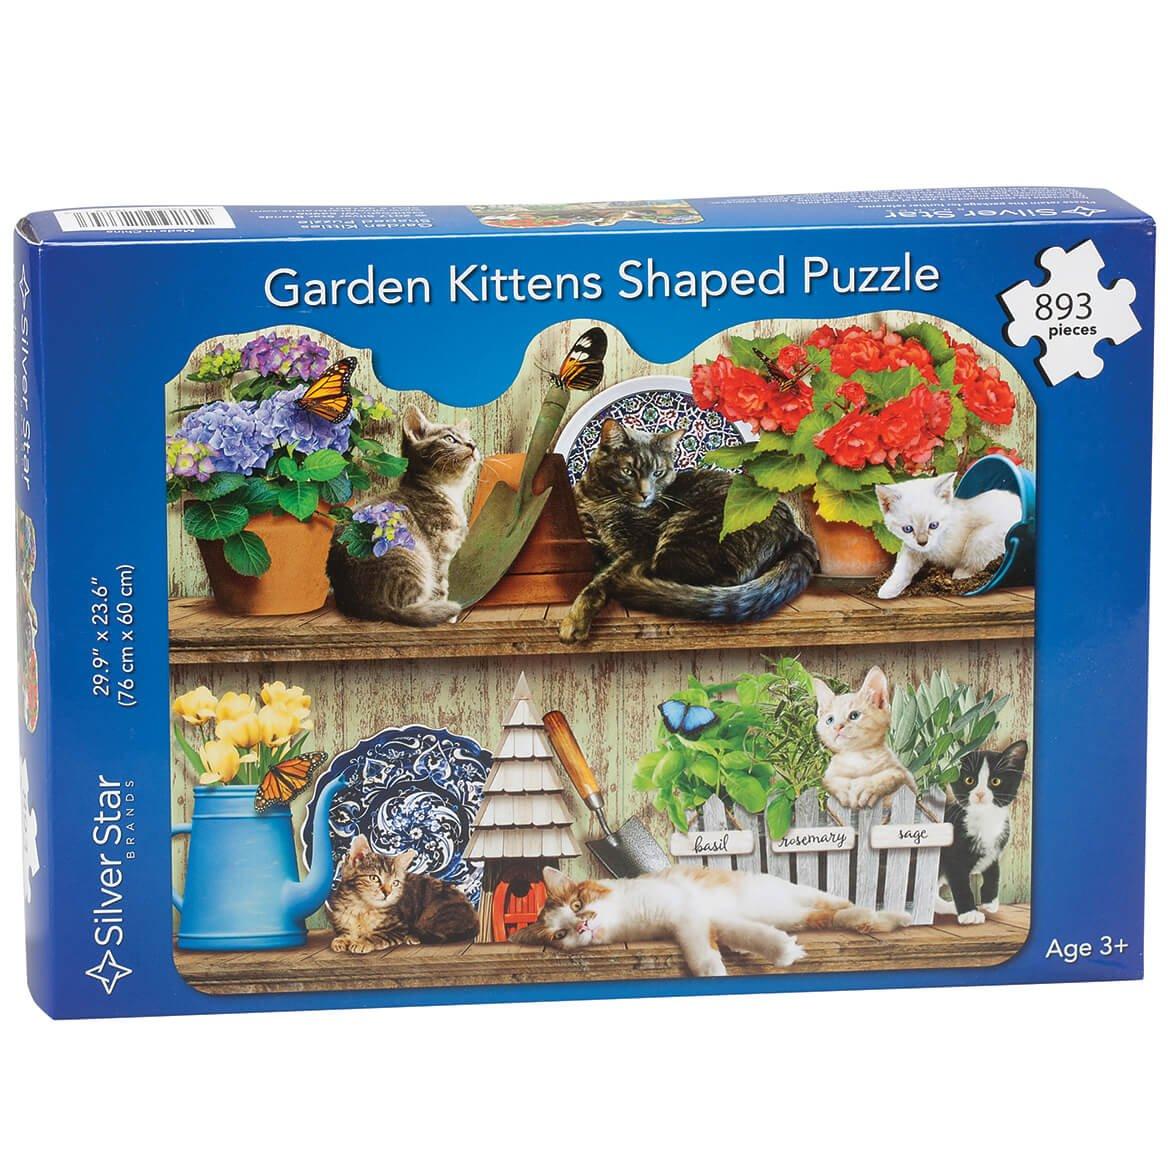 絶妙なデザイン Garden Kittens Puzzle 893 Kittens B07BQFXH22 Pieces 893 B07BQFXH22, トレハン:455e36d4 --- a0267596.xsph.ru